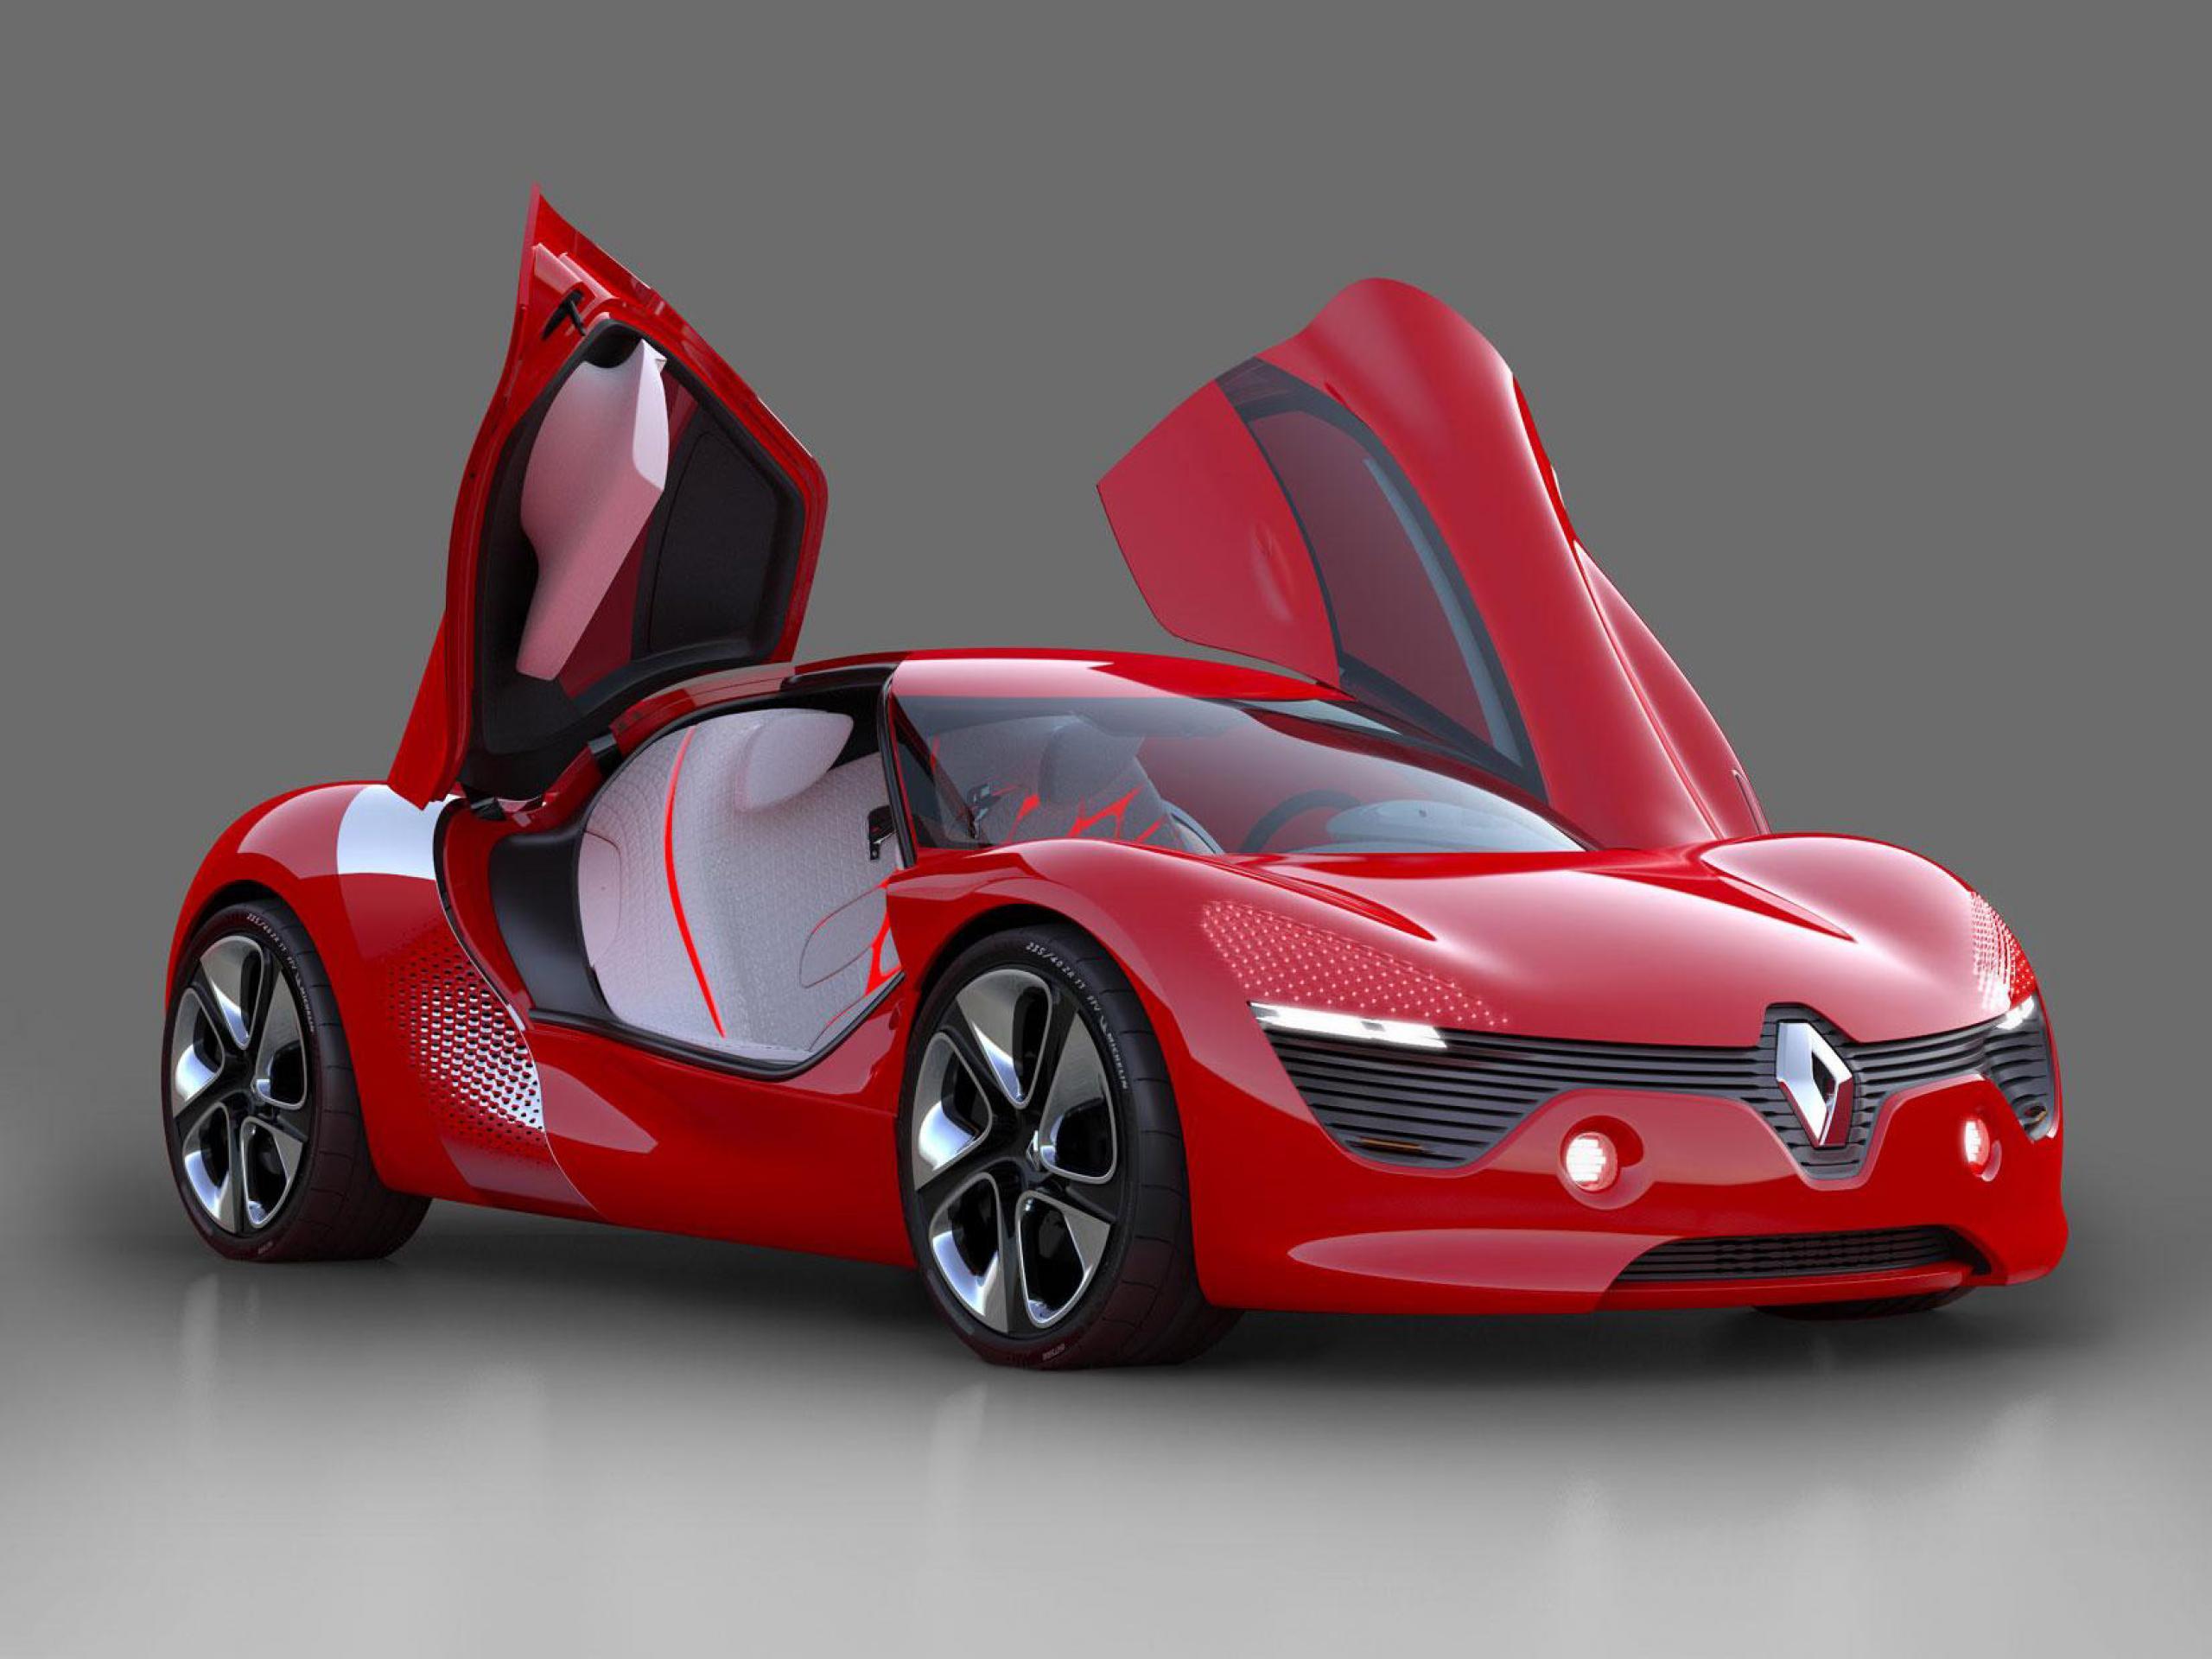 cars hd wallpapers cars hd wallpapers cars hd wallpapers cars hd 2560x1920